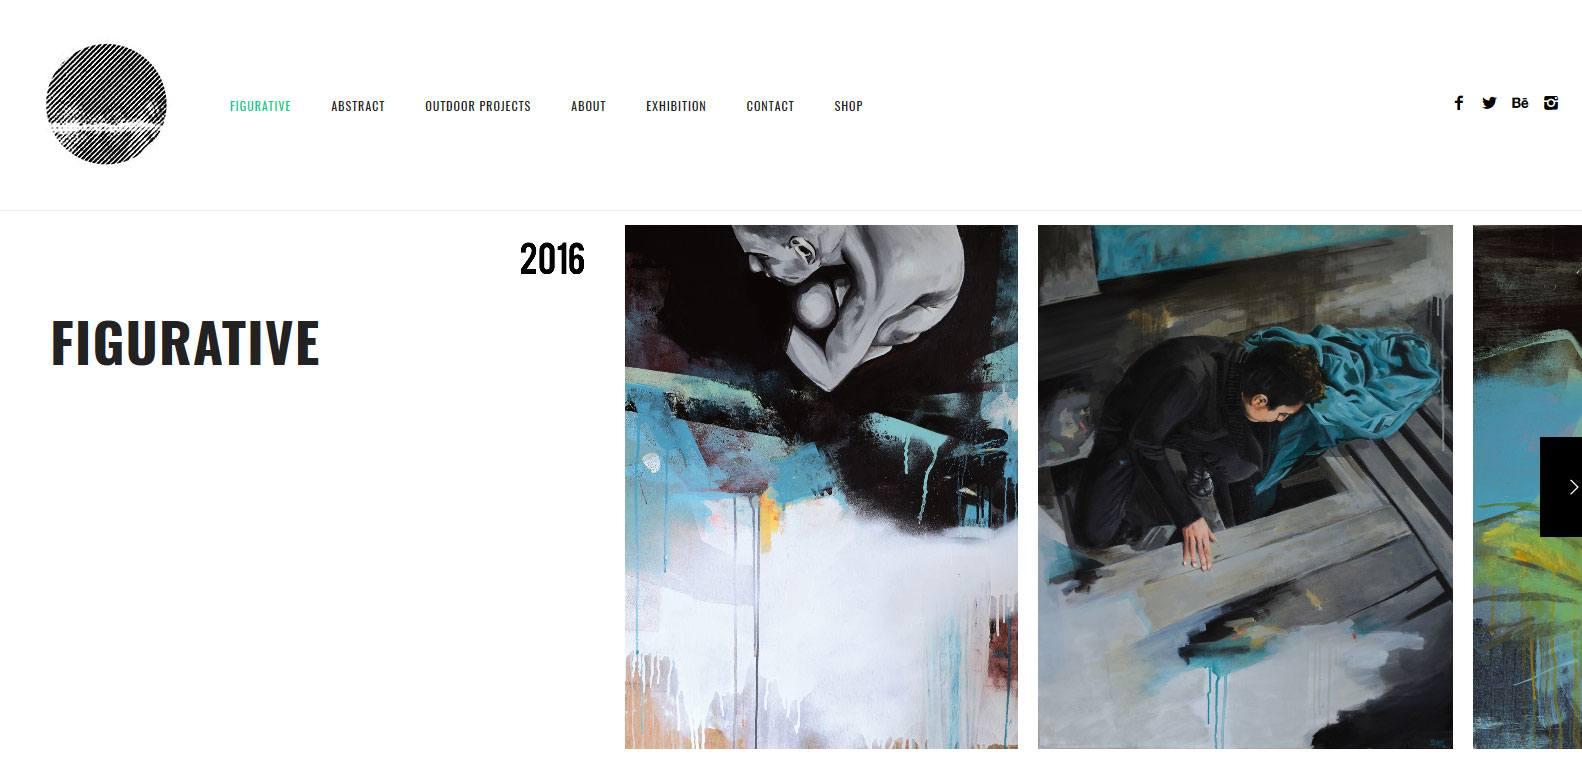 Nicolas blind et l'art figuratif, client Karedess, une agence web situé à Mulhouse